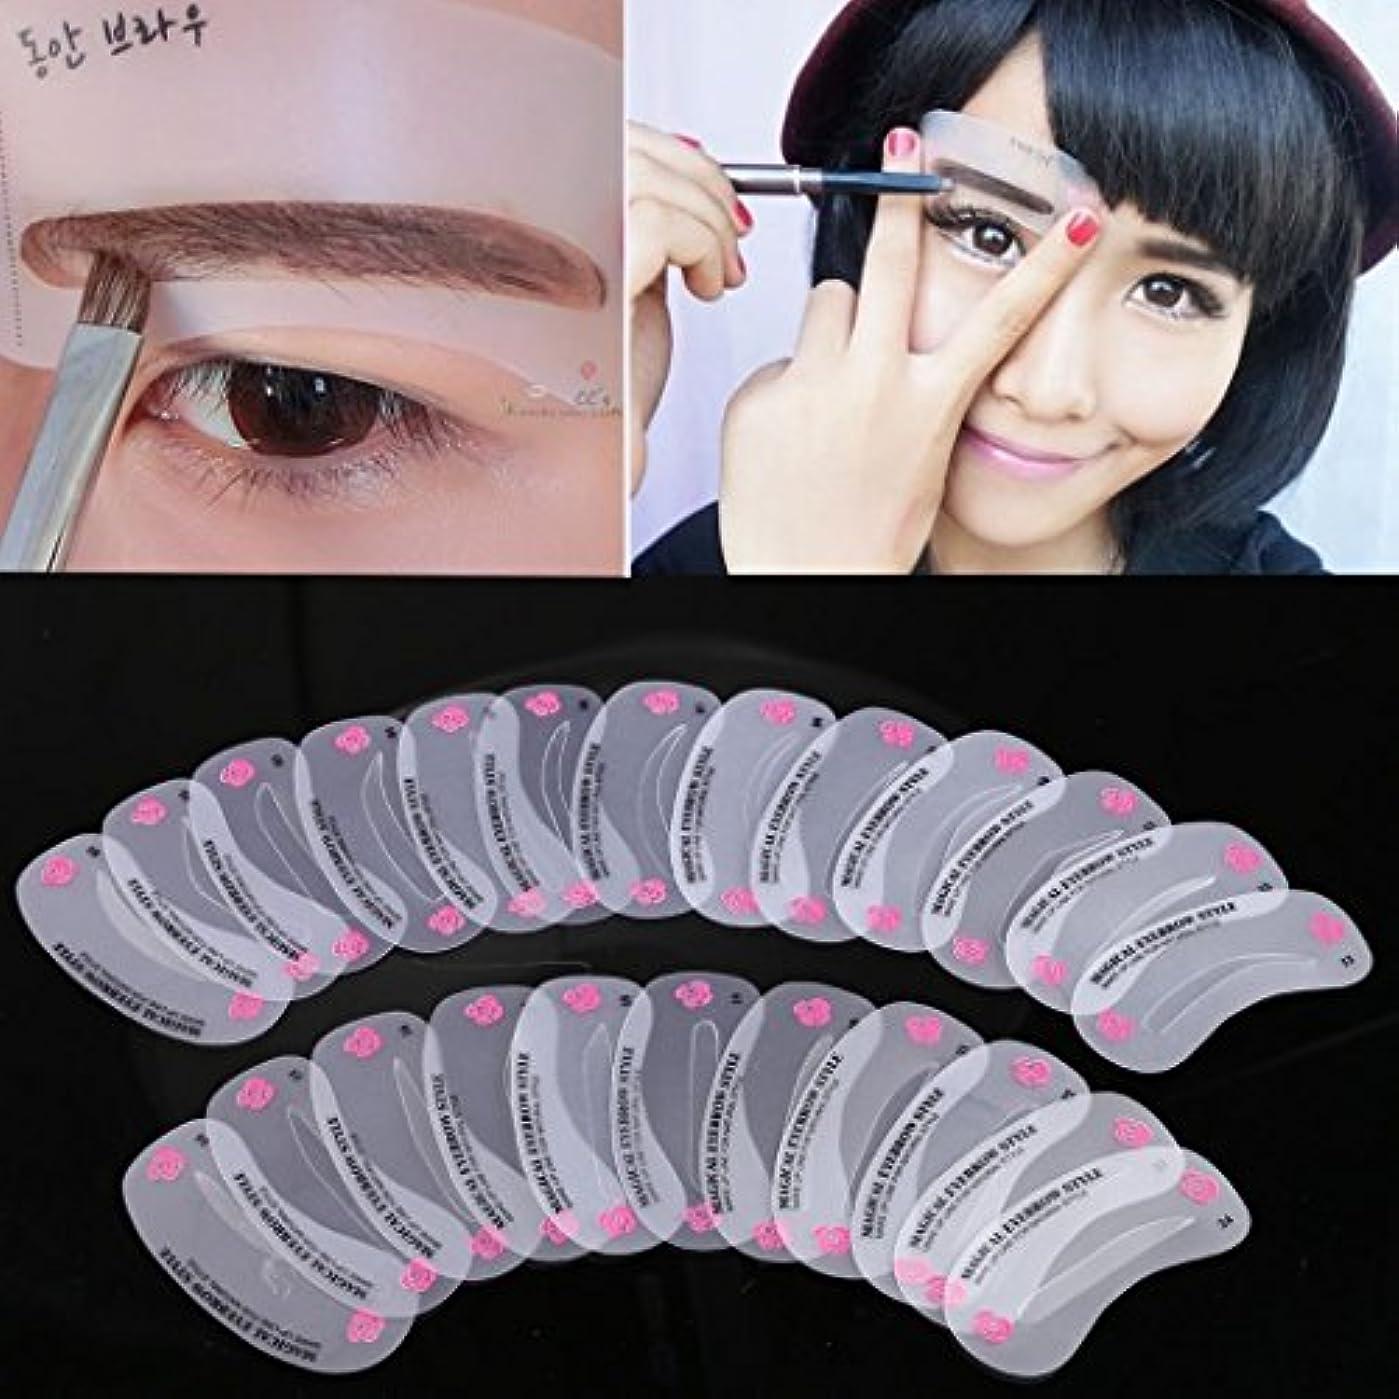 自発タクシー許されるグルーミングキットセット化粧シェーパー眉ステンシル整形24の異なる眉スタイル